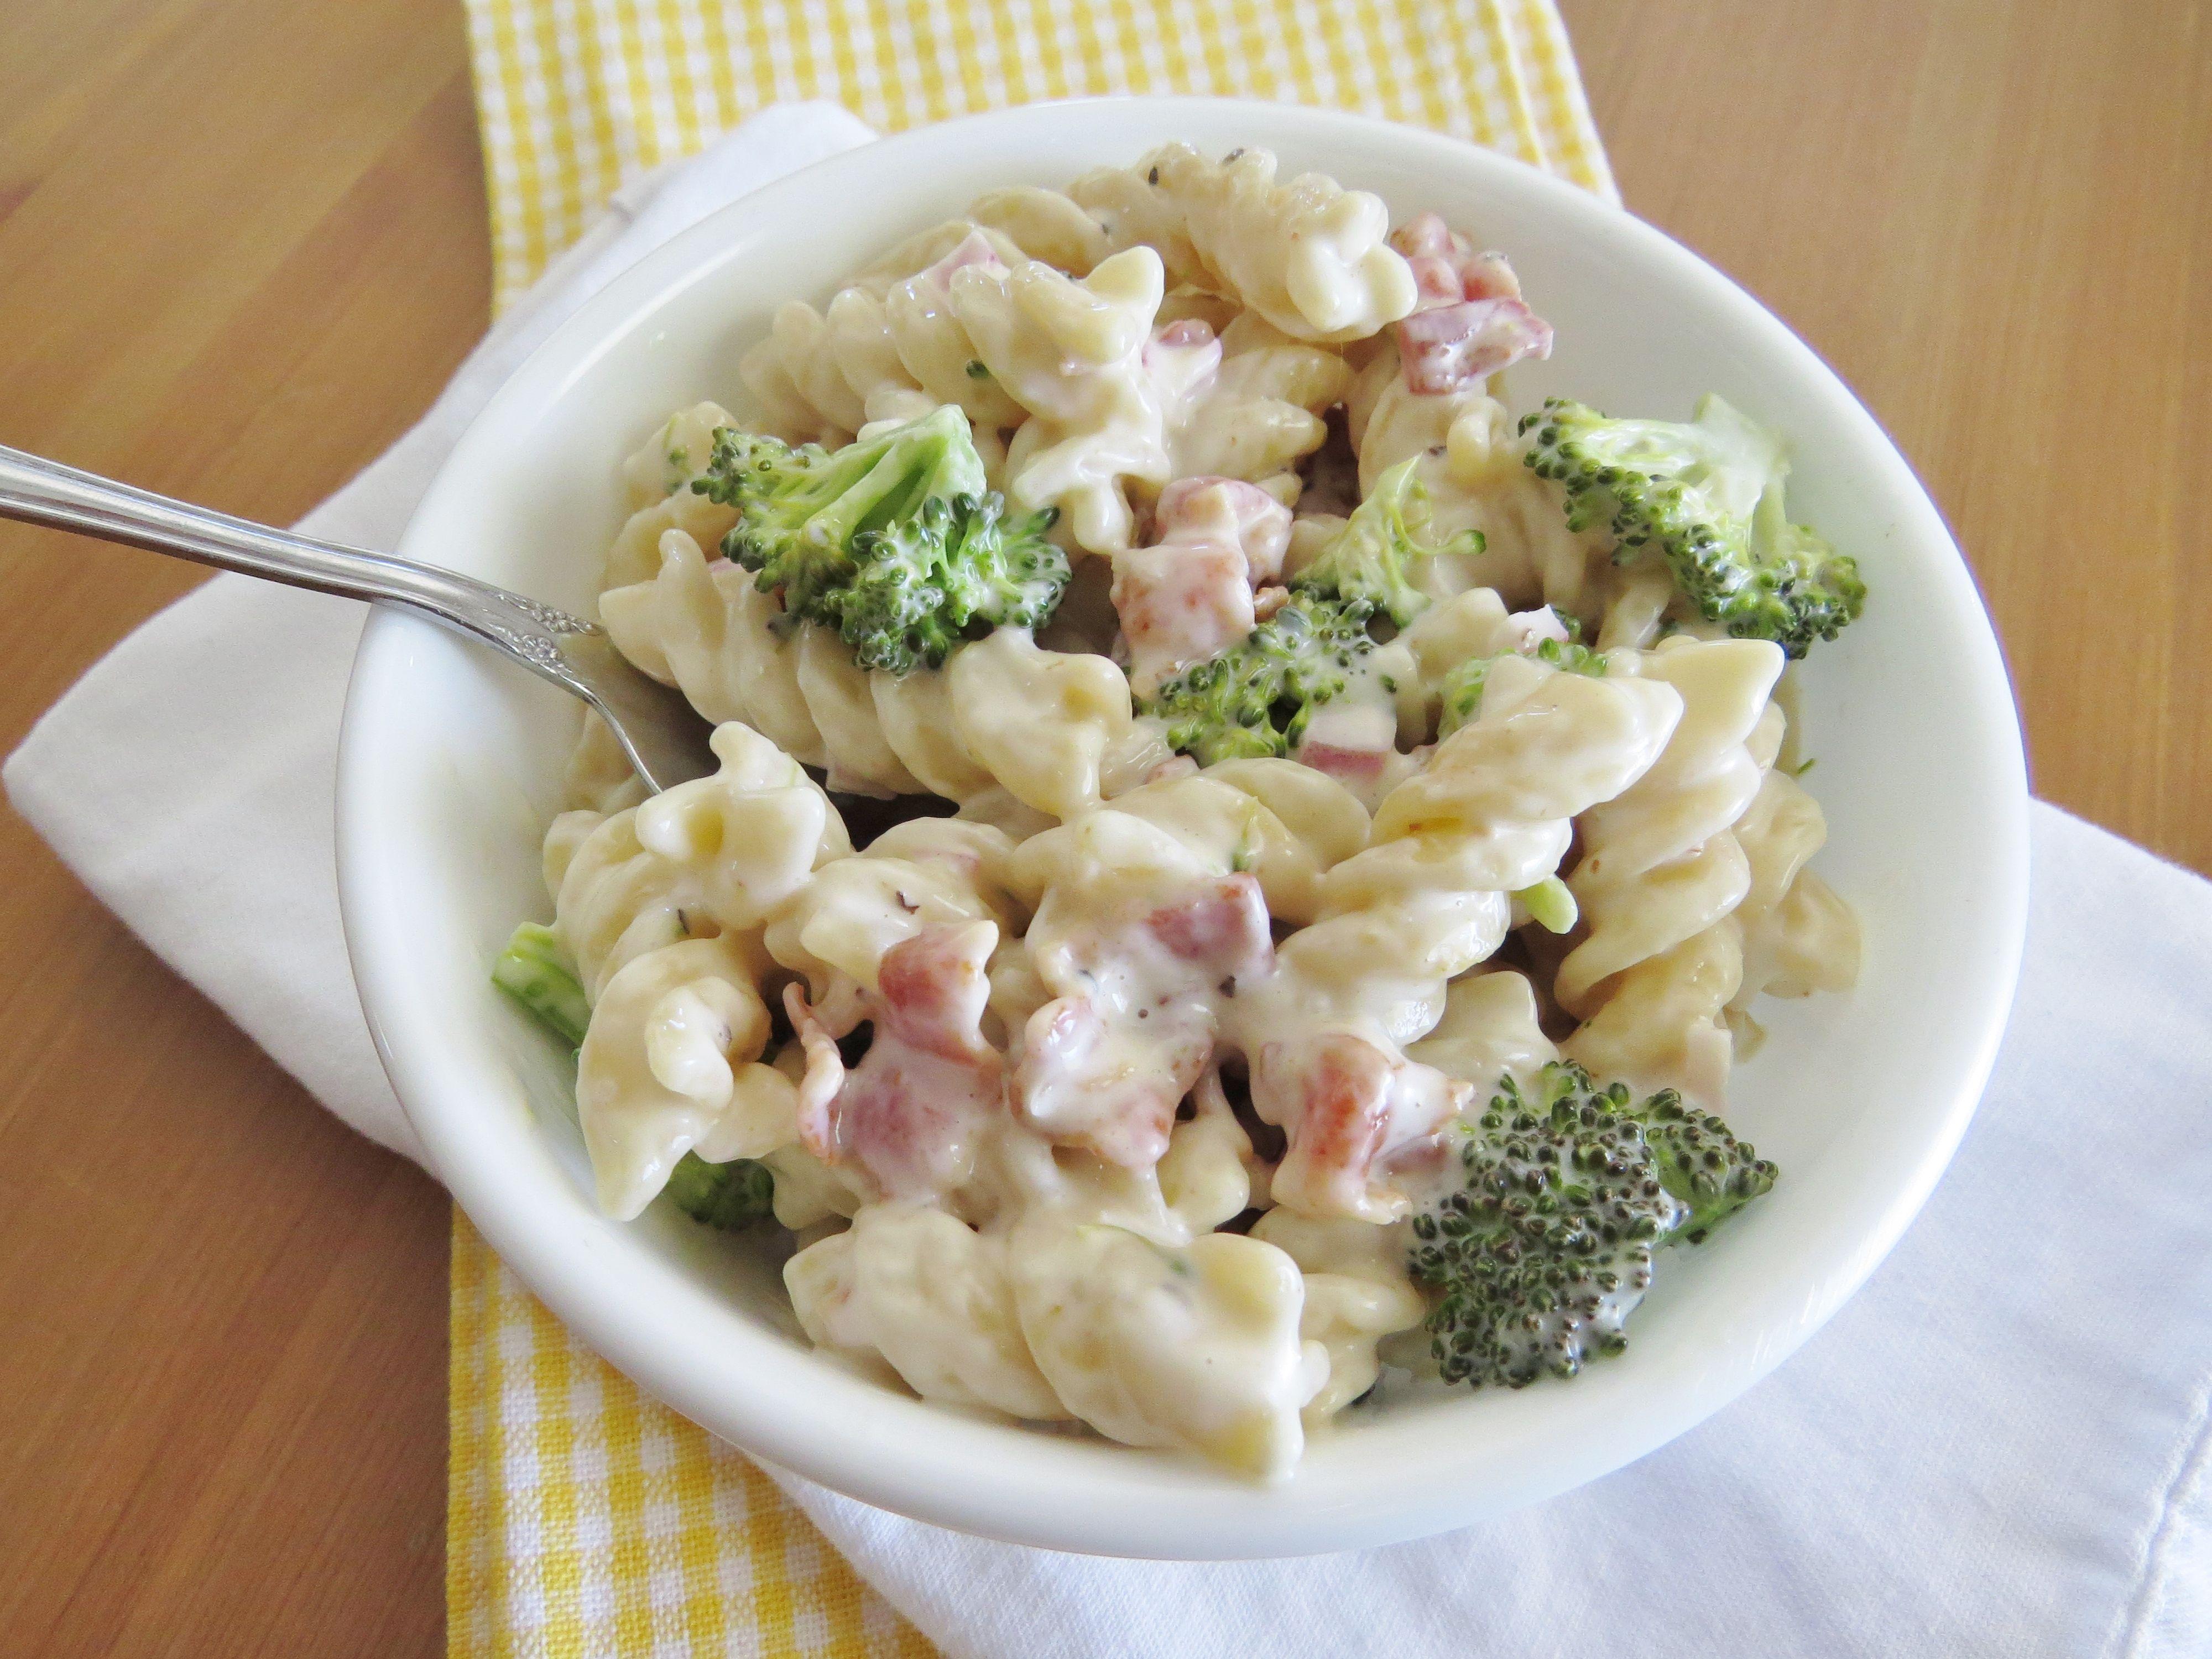 Creamy Bacon Broccoli Pasta Salad Recipe Broccoli Pasta Pasta Pasta Salad